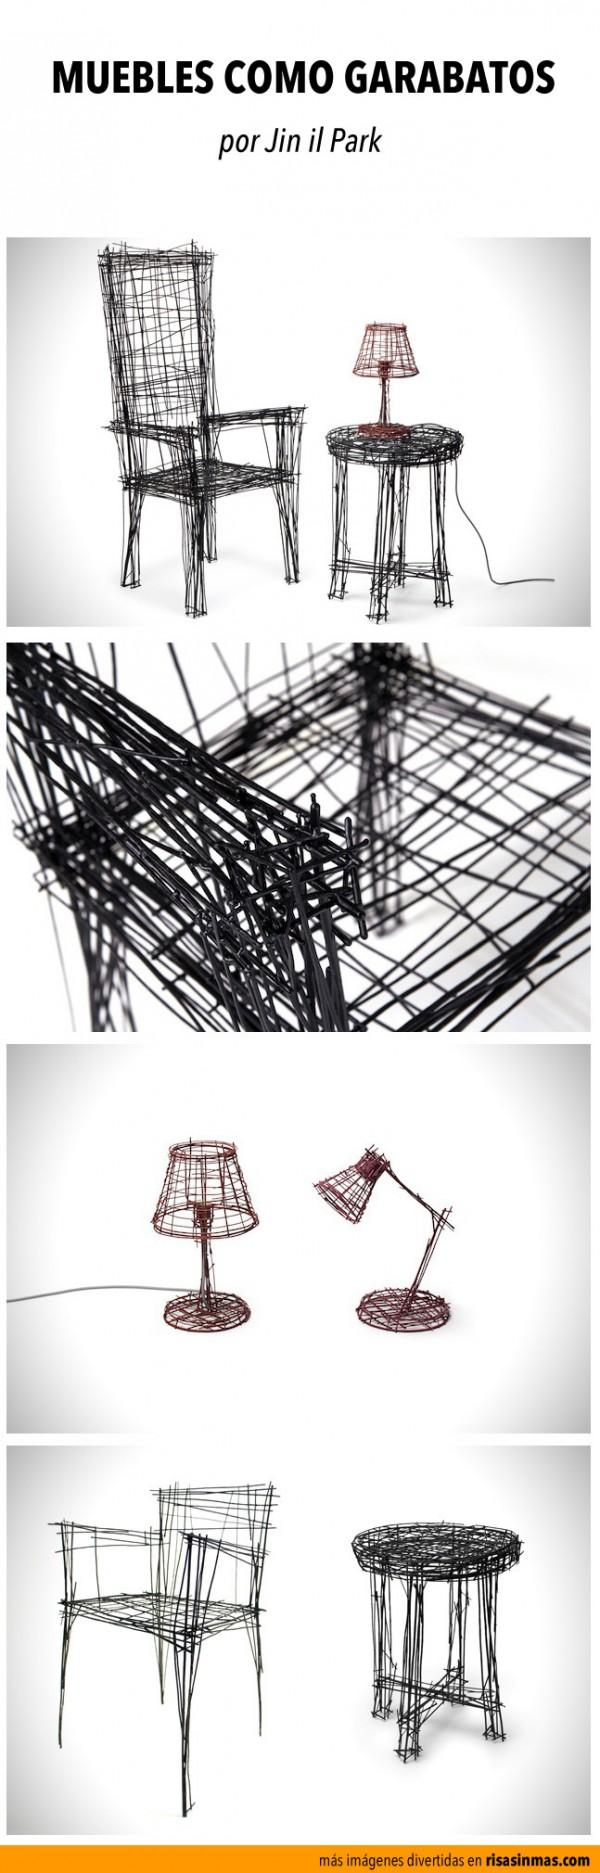 Muebles diseñados como garabatos